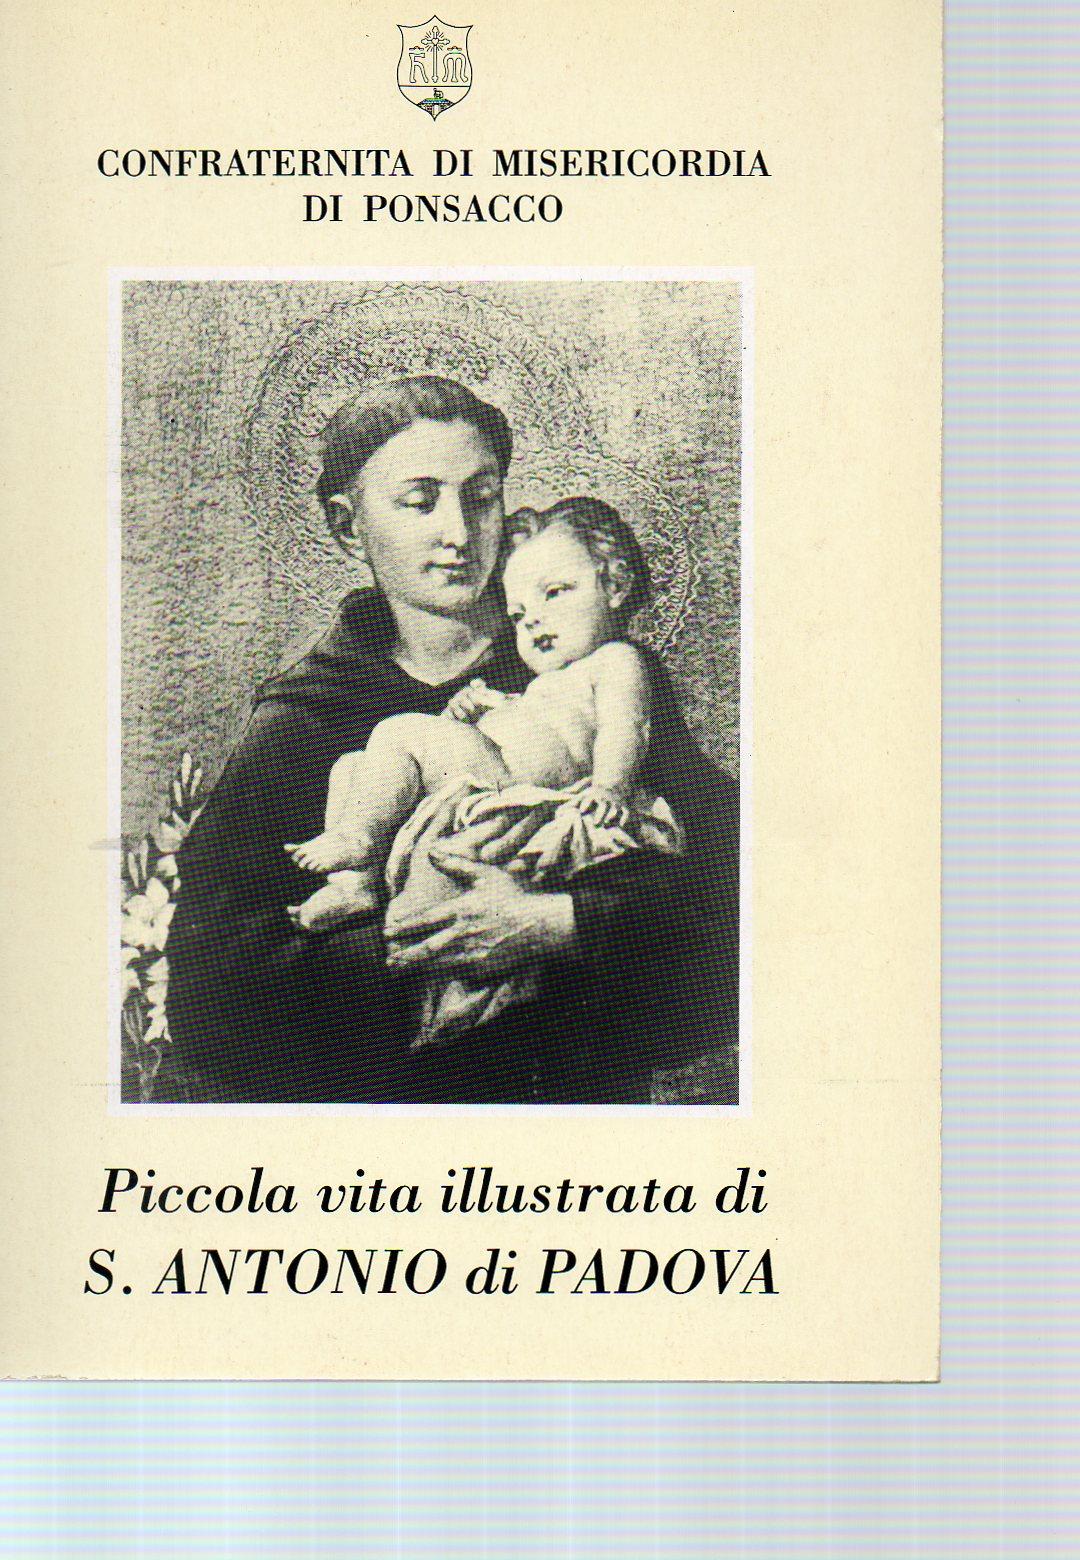 piccola vita illustrata di S.Antonio di Padova